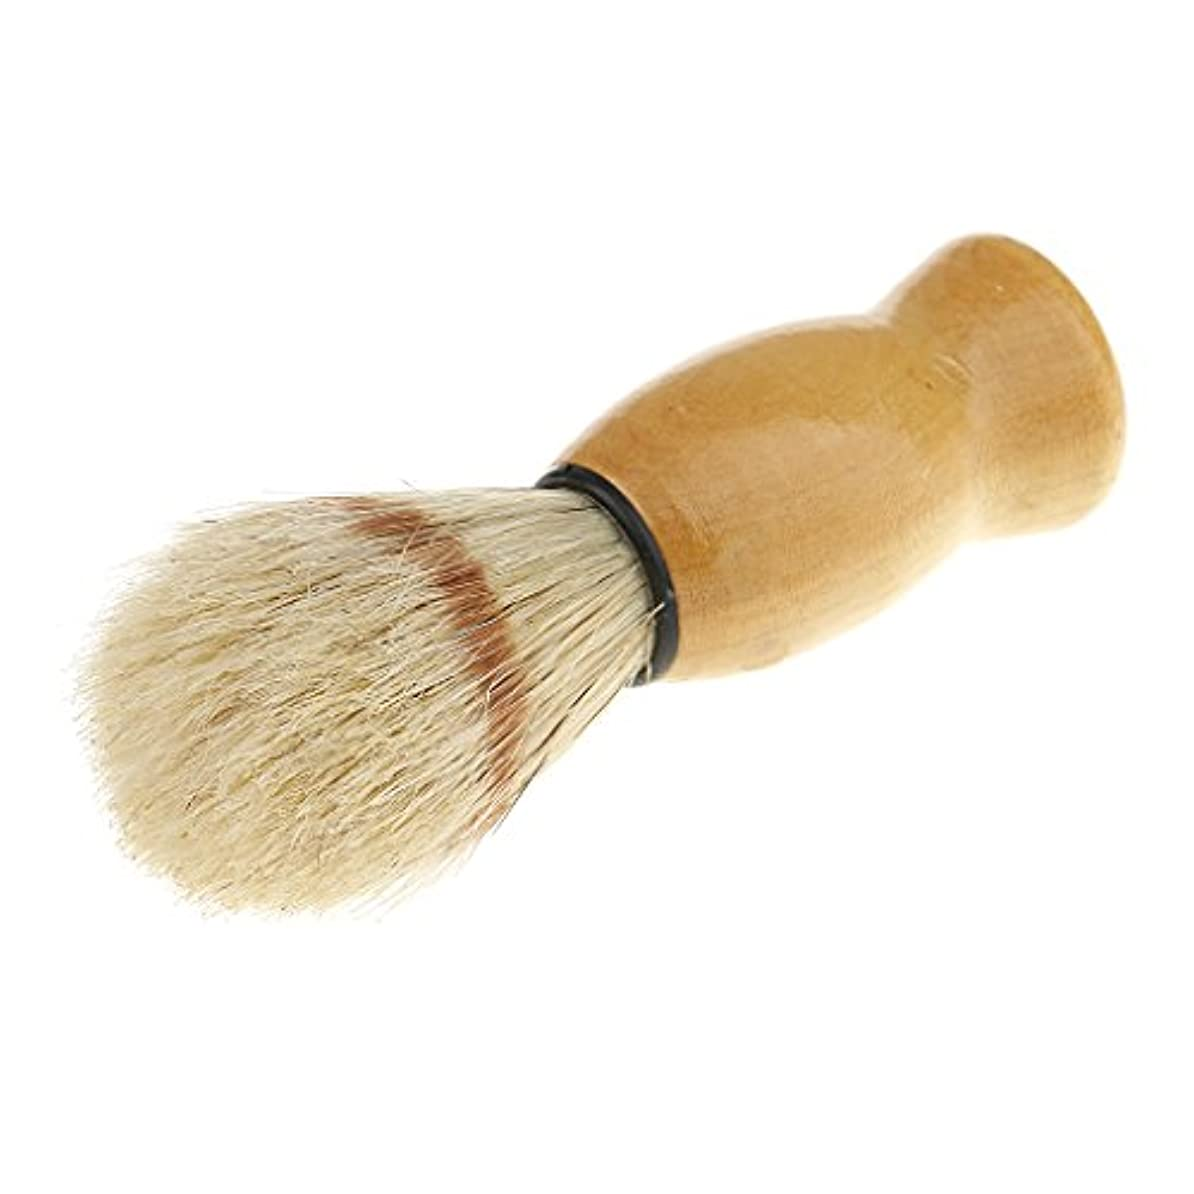 リンス可愛い血まみれKesoto シェービングブラシ メンズ用 髭剃り 便利 柔らかい 理容 便携 全2色 - 黄